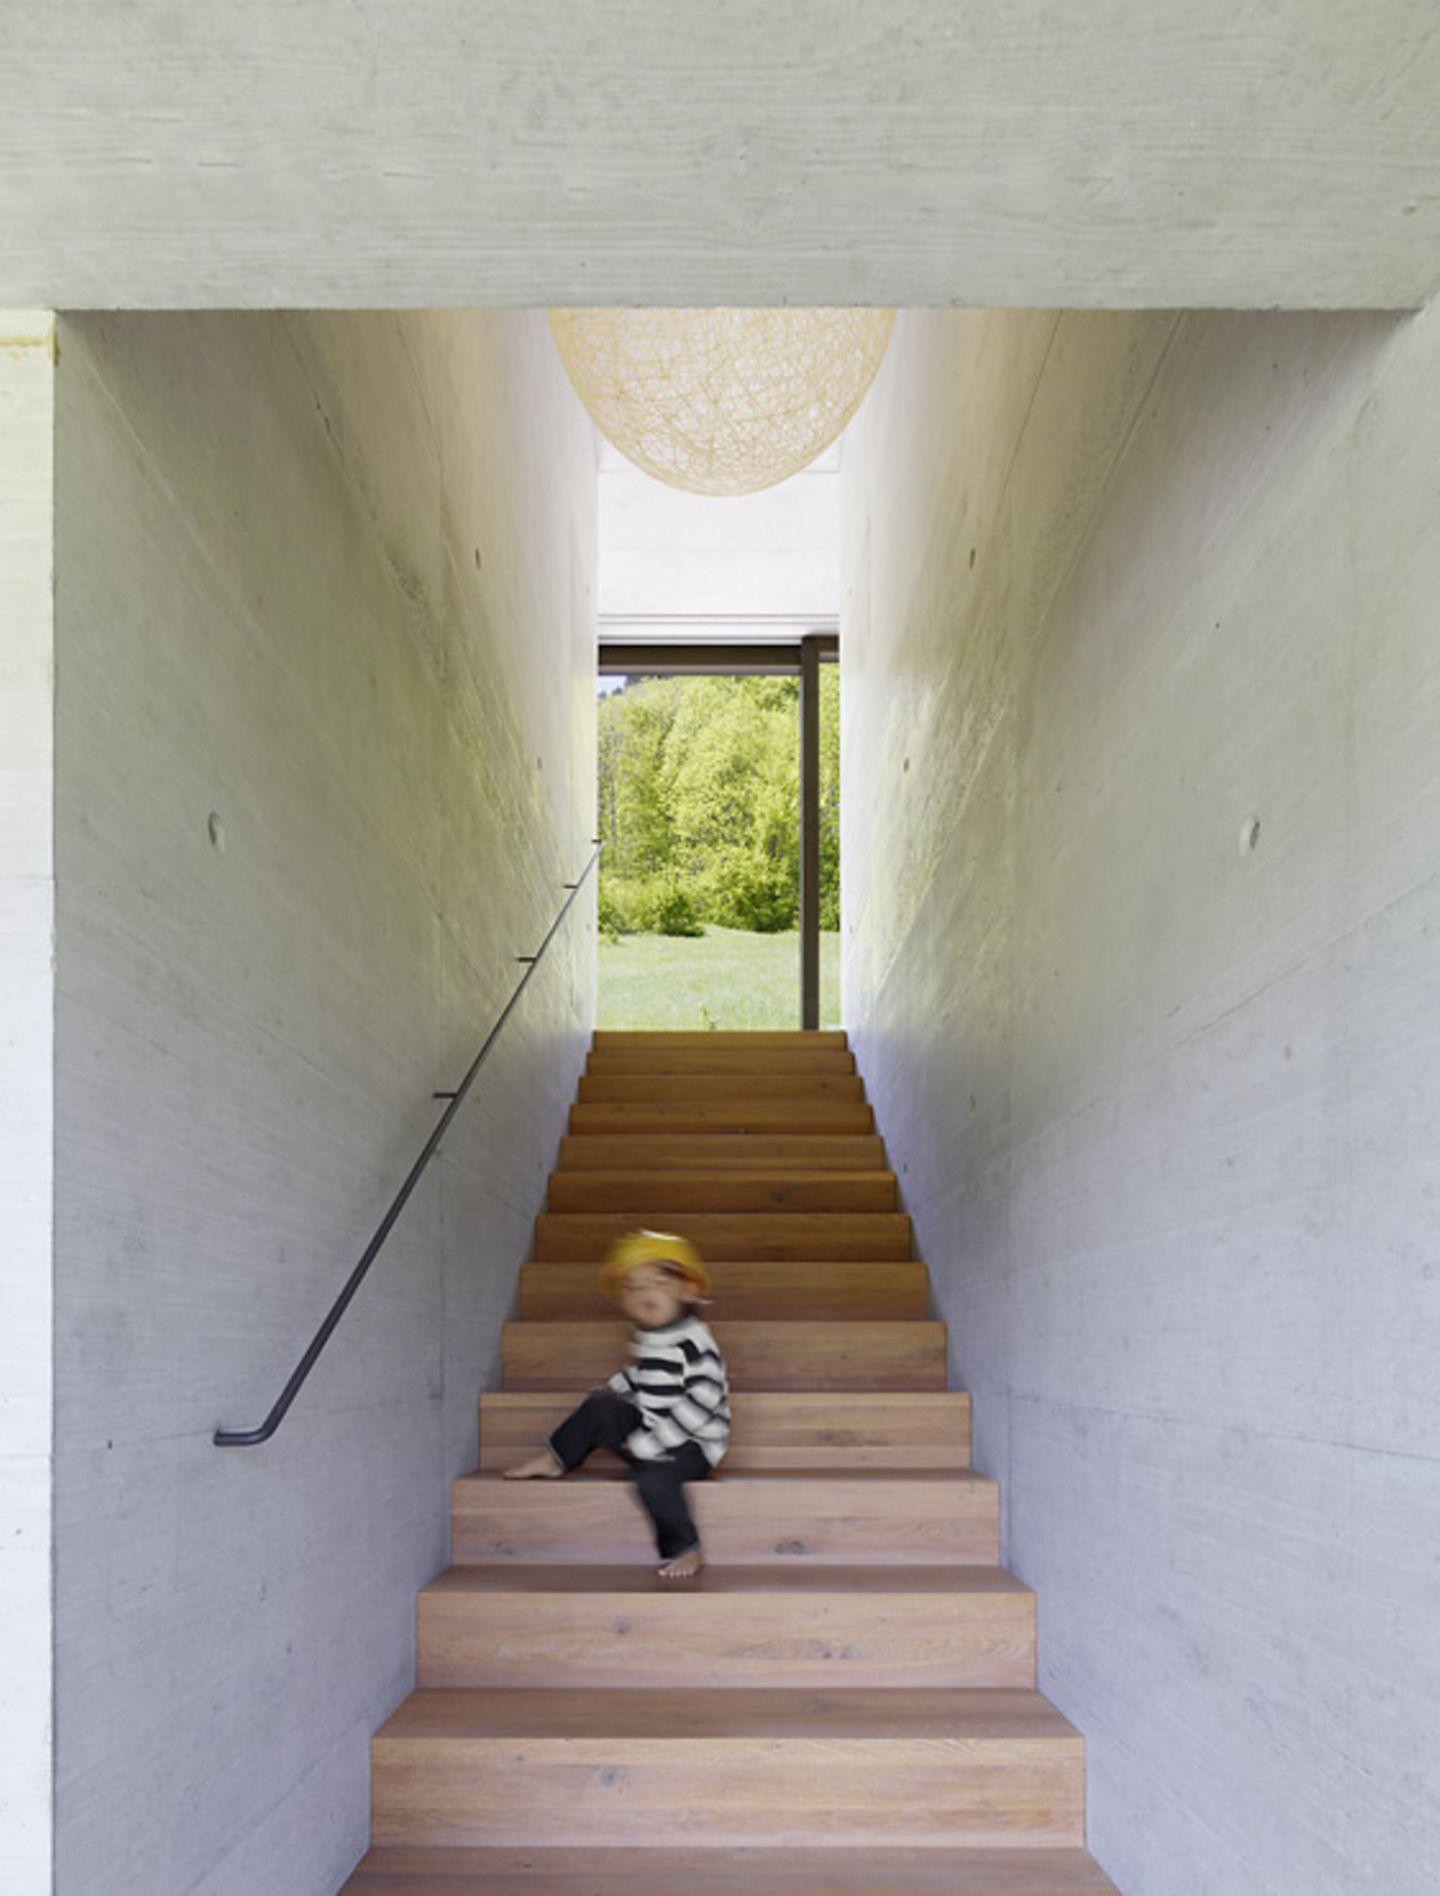 Schmale Treppe verbindet die Etagen